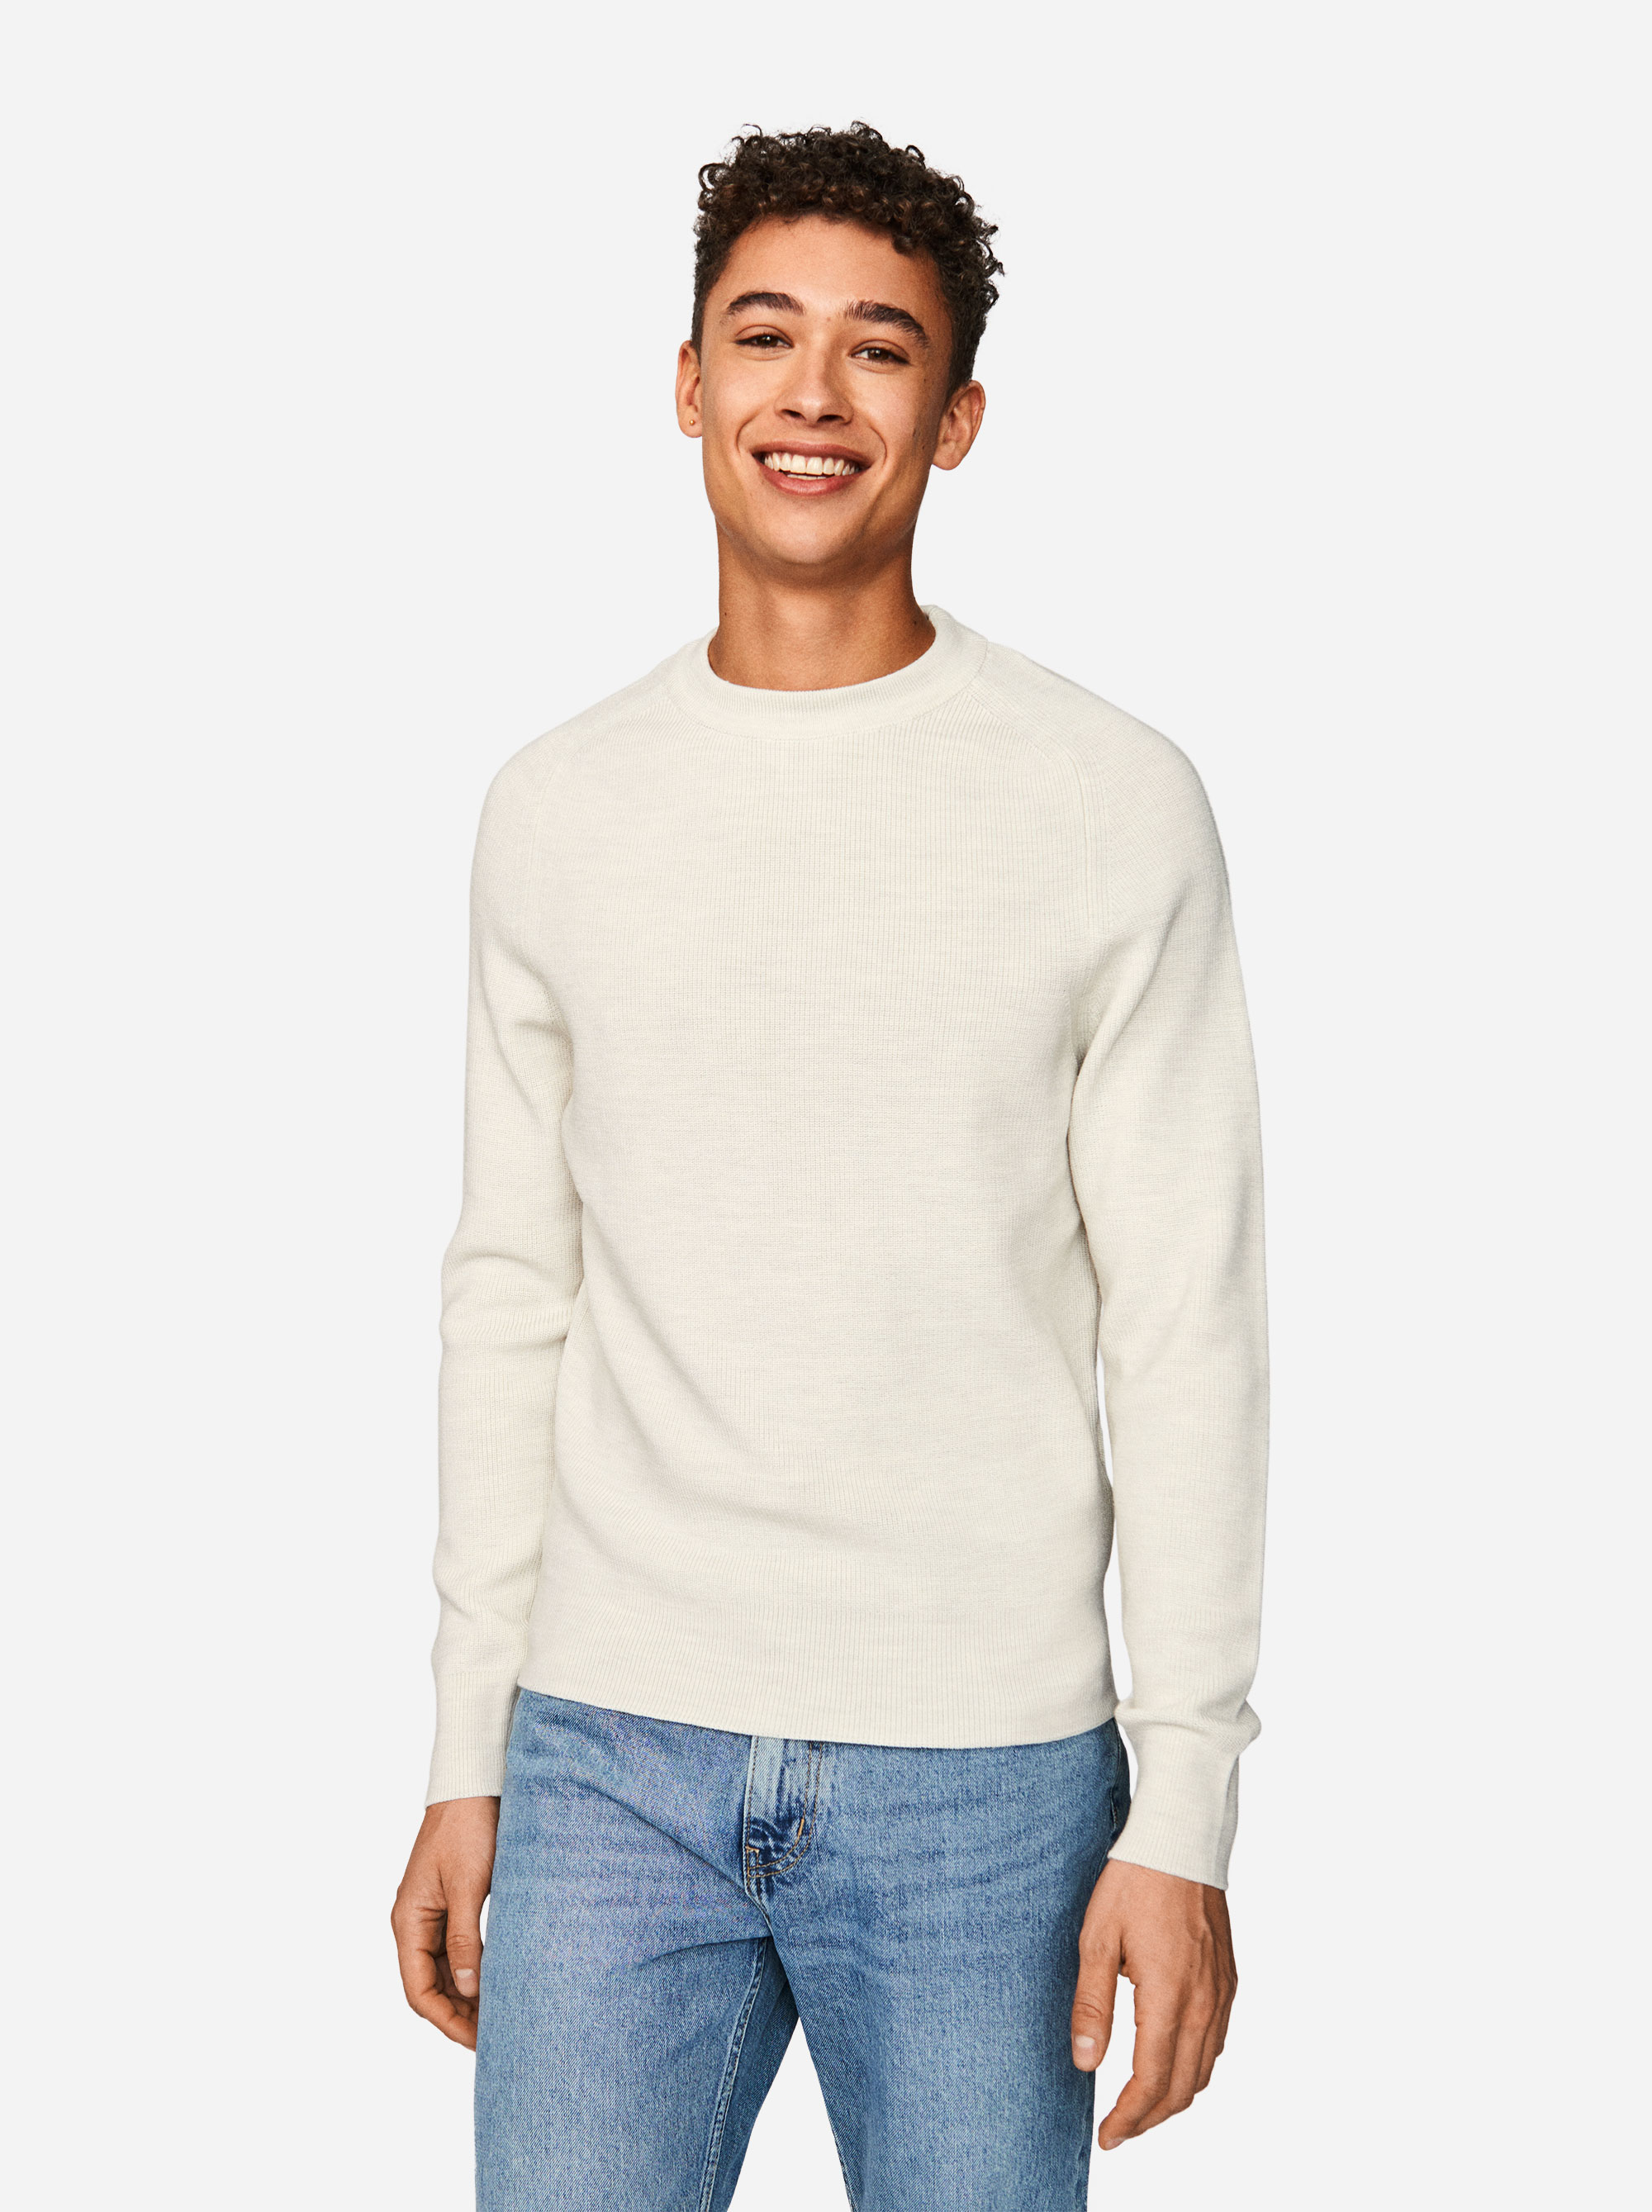 Teym - The Merino Sweater - Men - White - 4